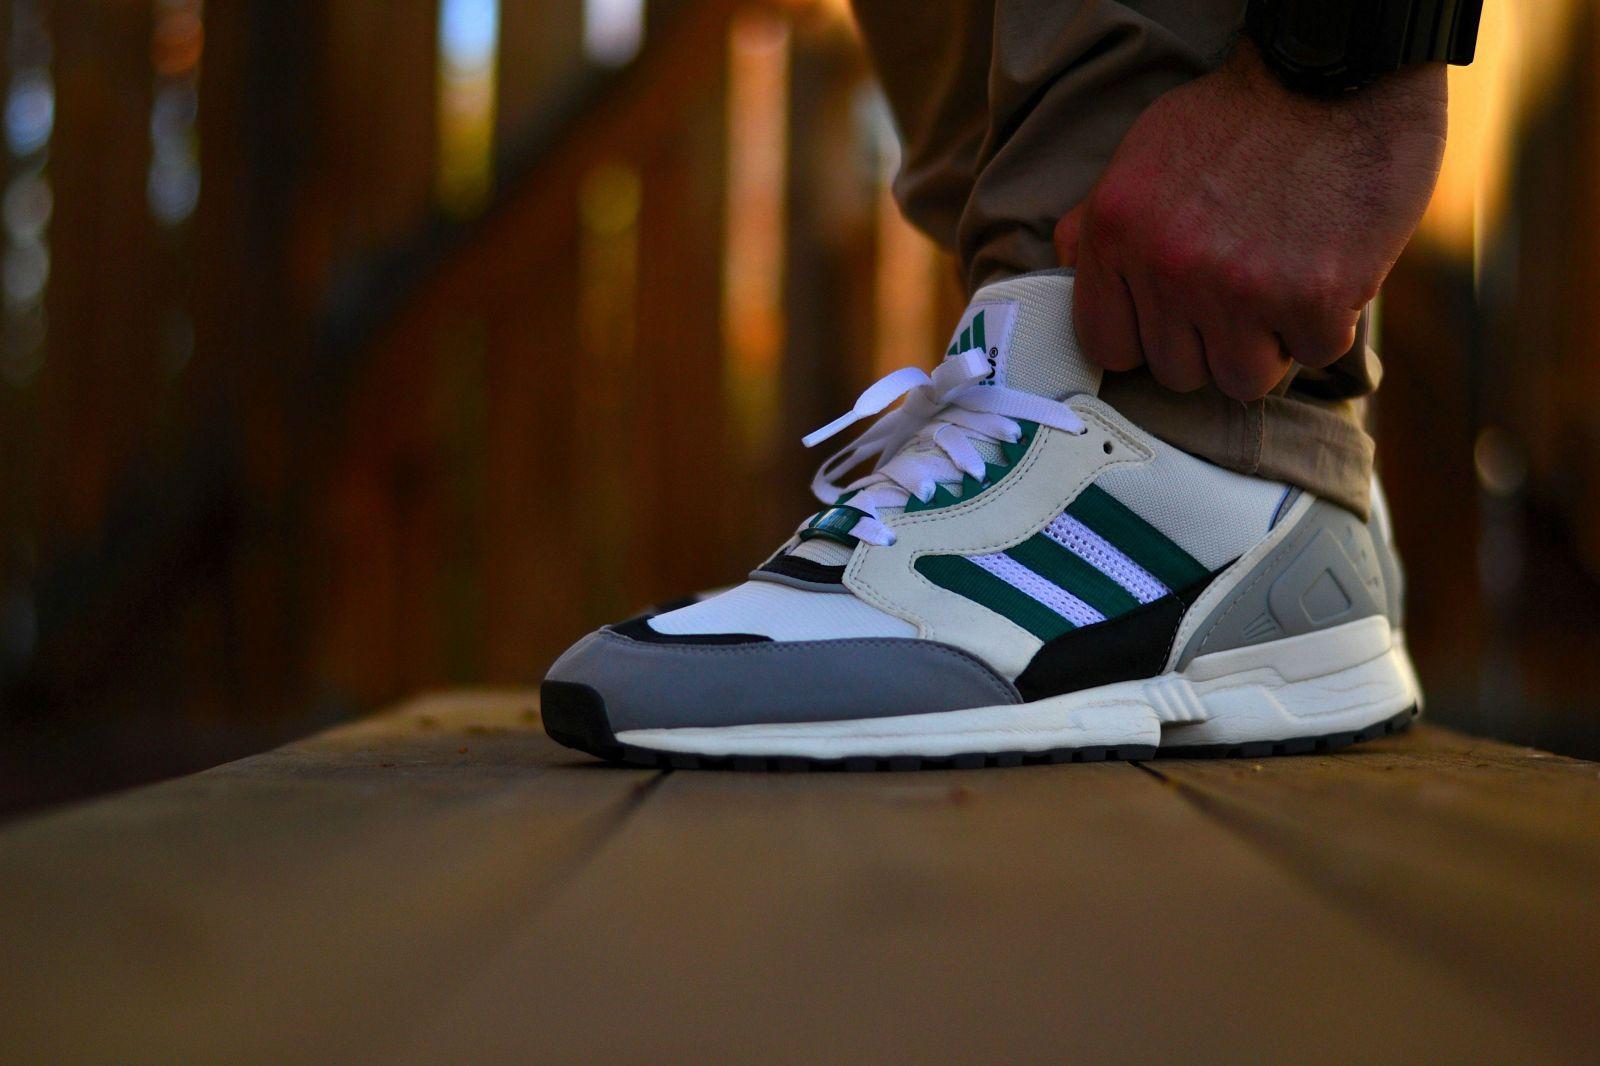 Adidas Eqt Running Cushion 91